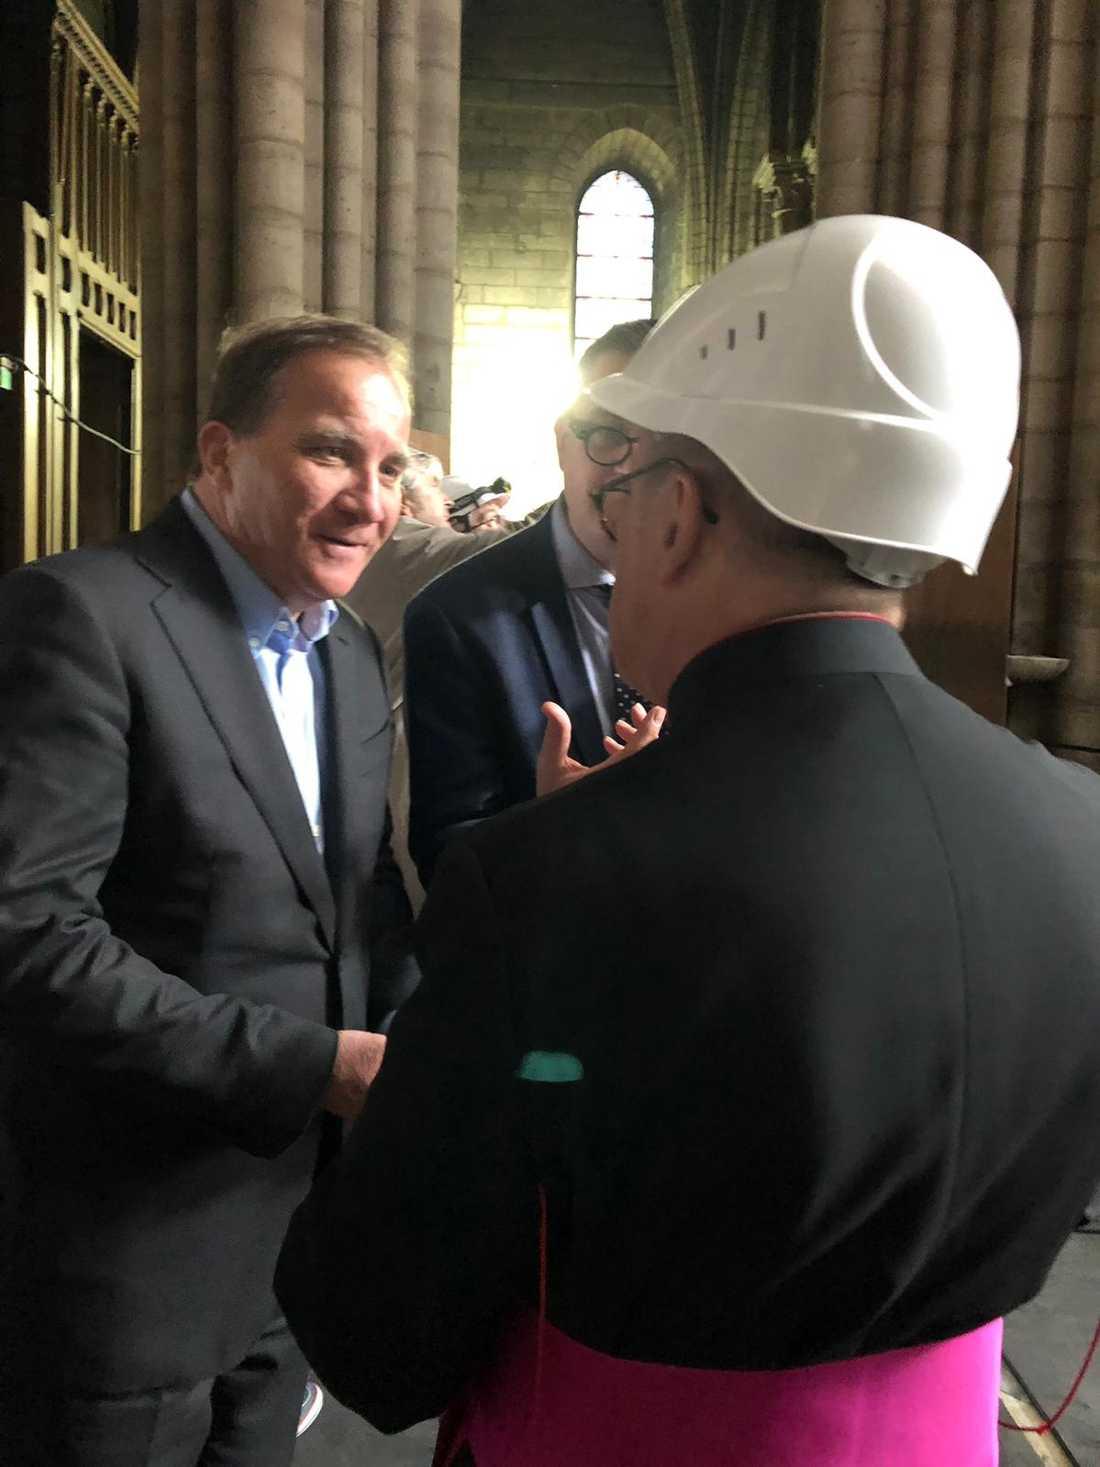 Svenska företag har samlat ihop pengar för återuppbyggnaden av den katedralen.